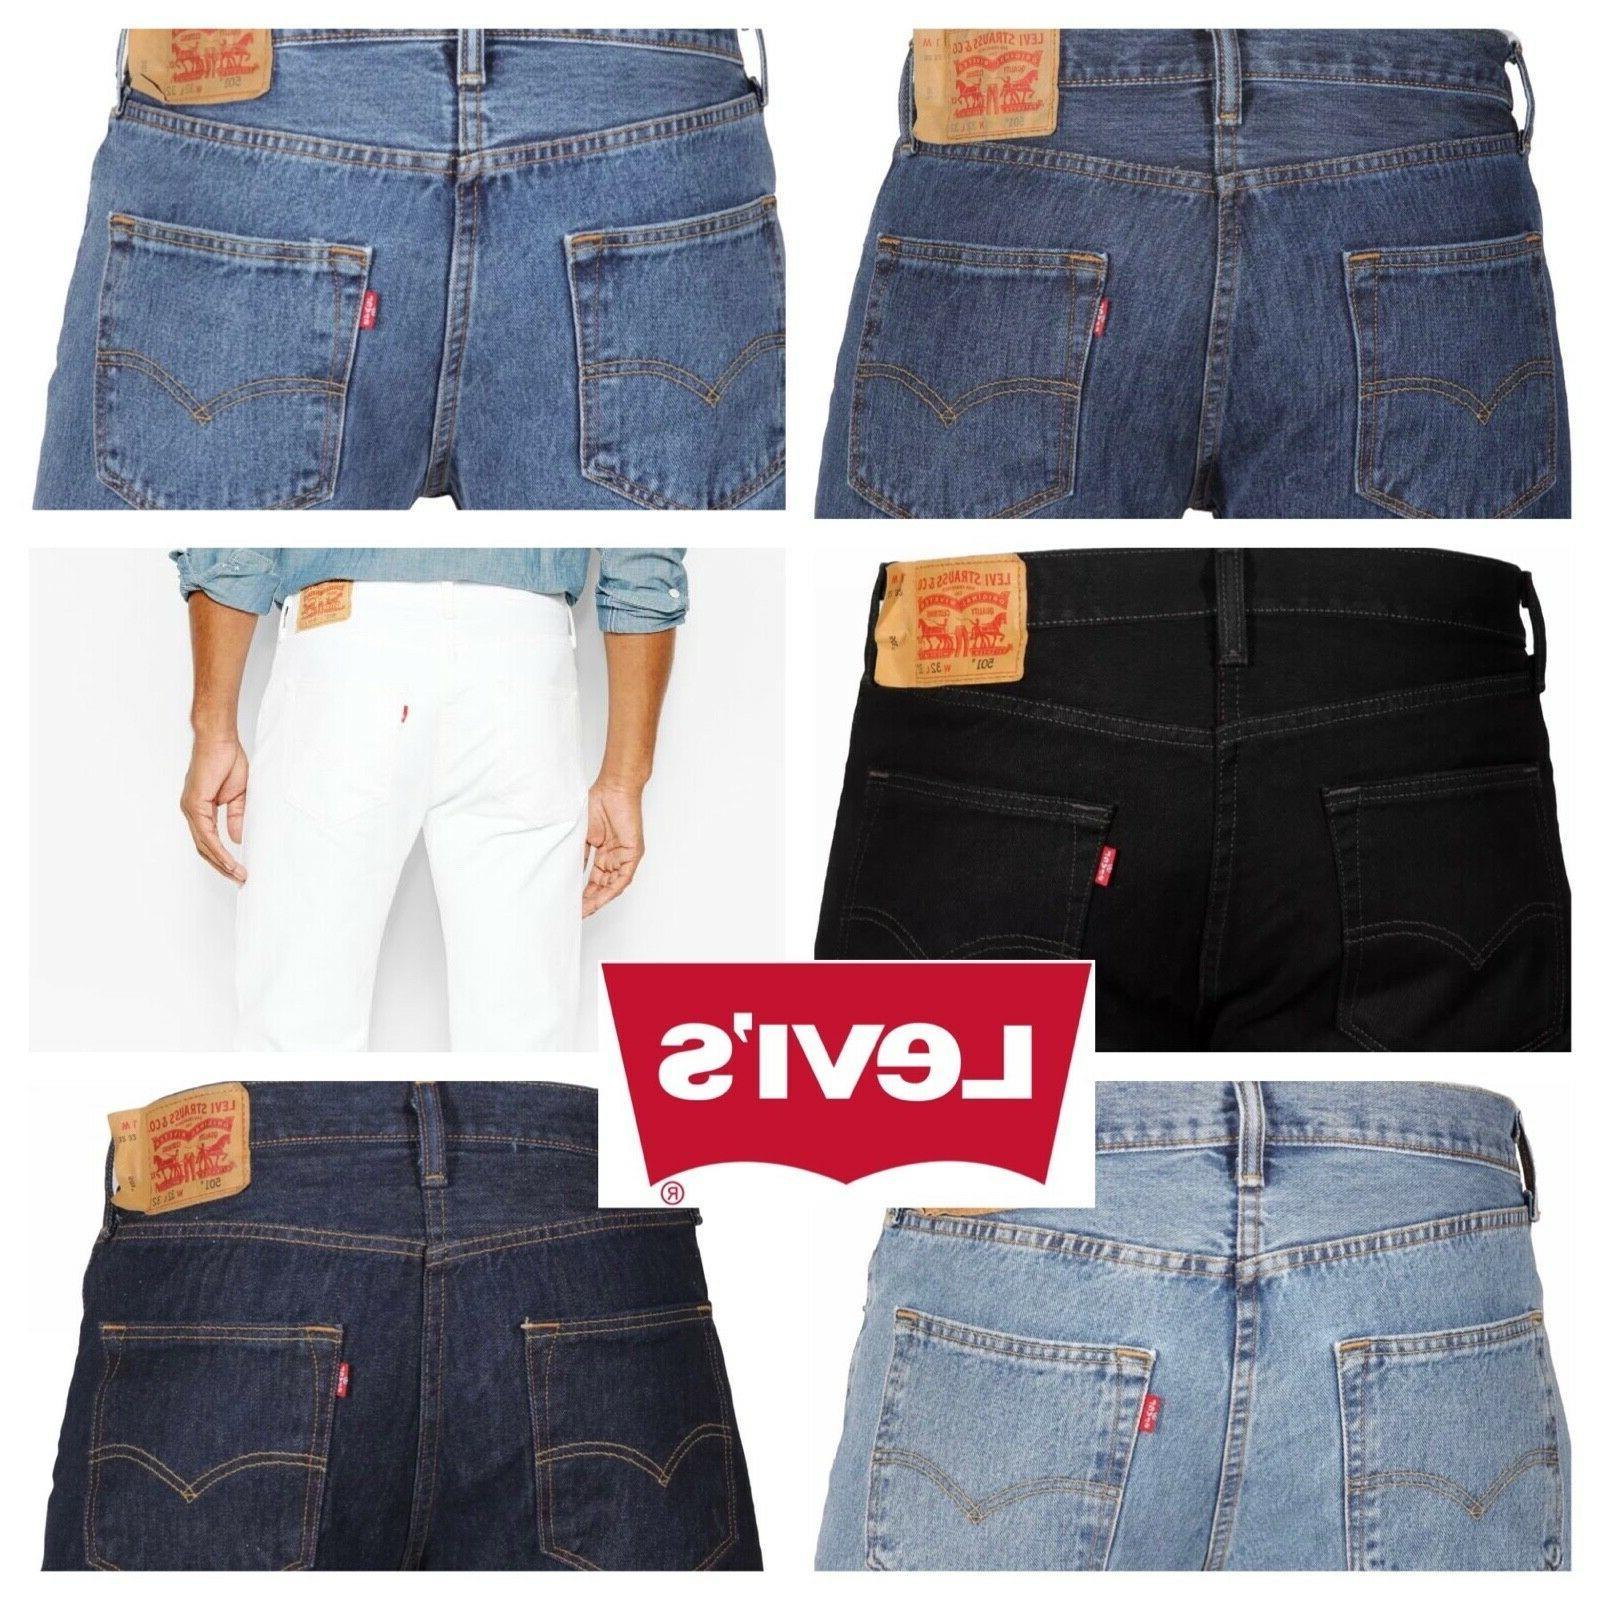 levis 501 original fit jeans straight leg